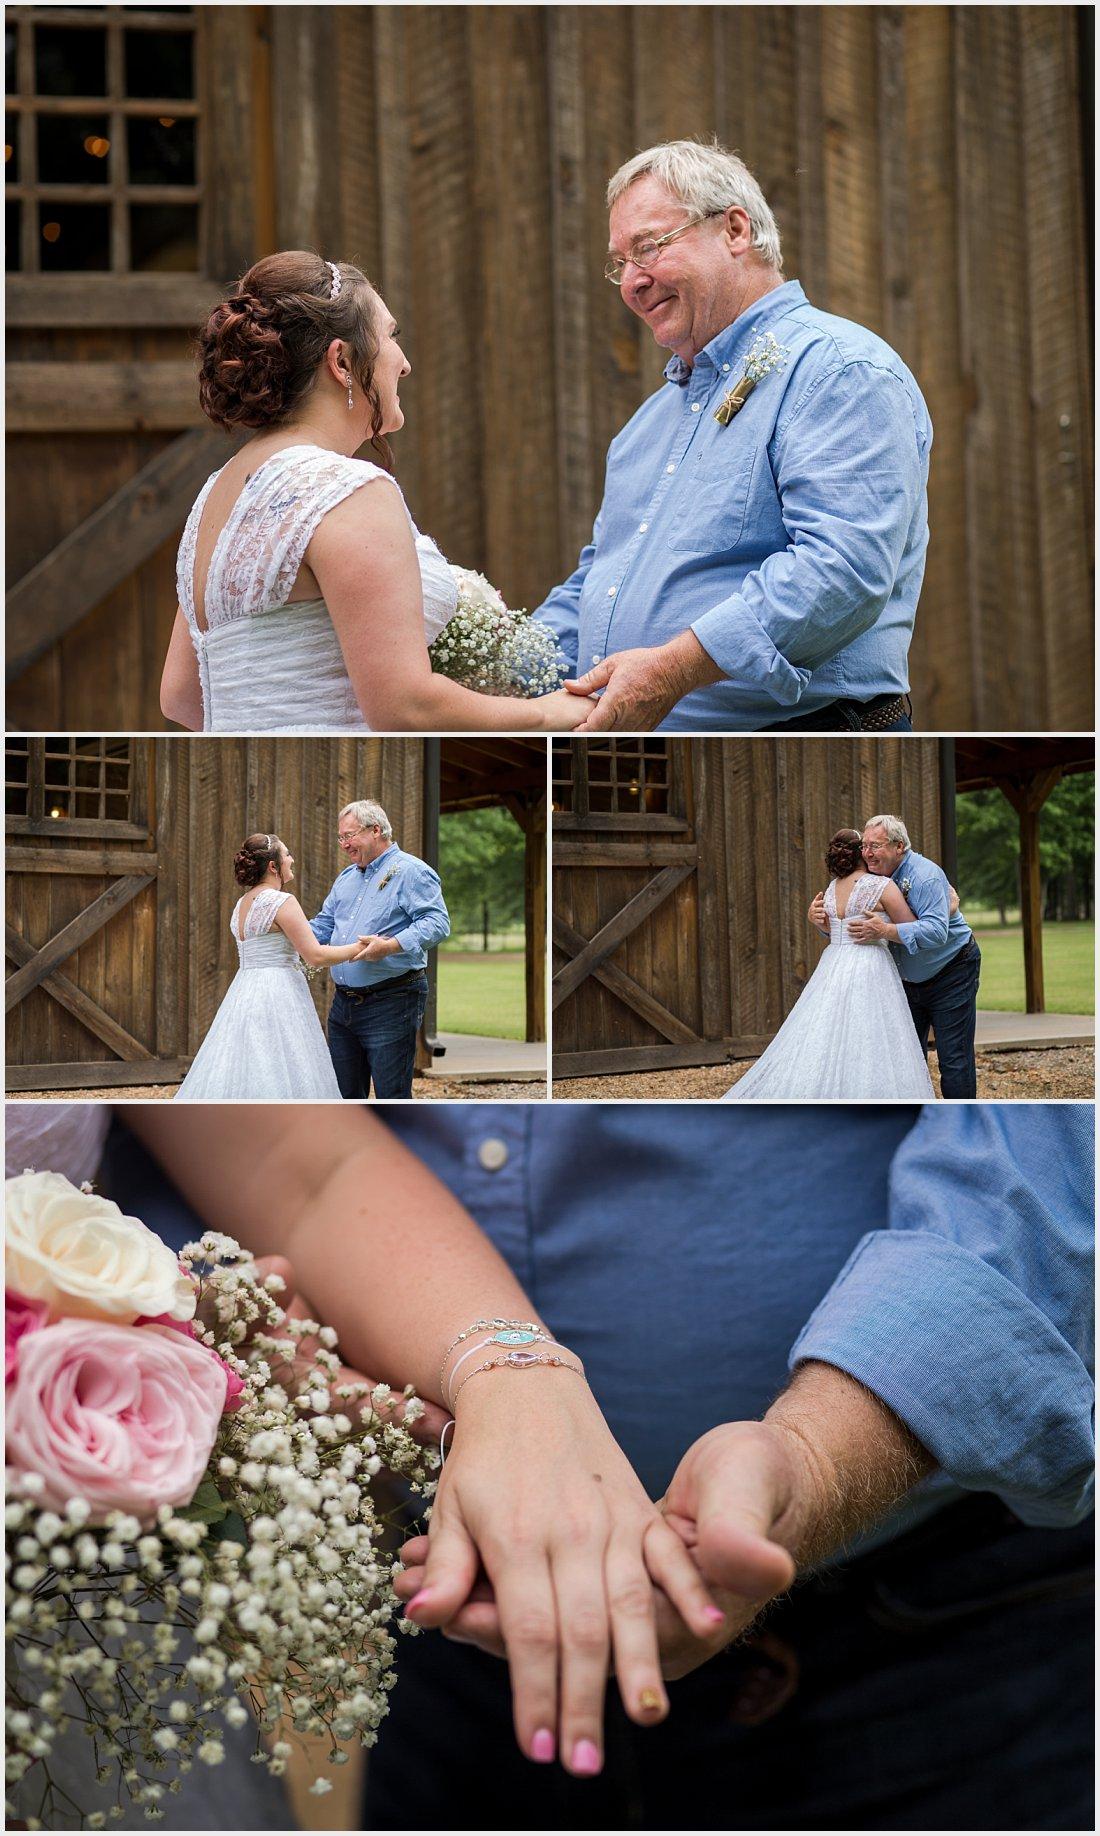 silver-city-farm-wedding-08